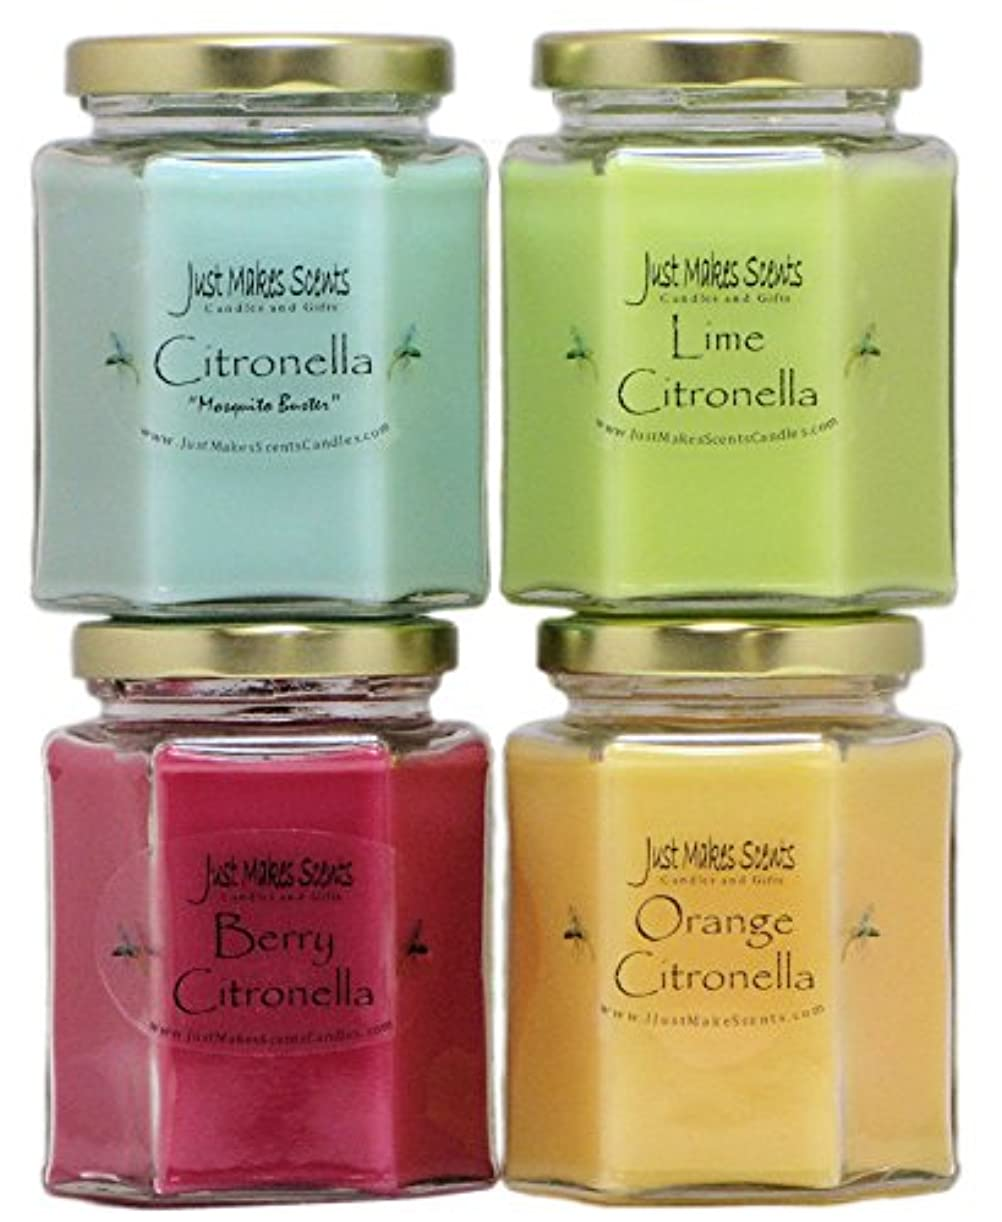 ポスター競争なかなかインドアCitronella Candle Variety Pack | Flying反発昆虫内側|手Poured in the USA by Just Makes Scents